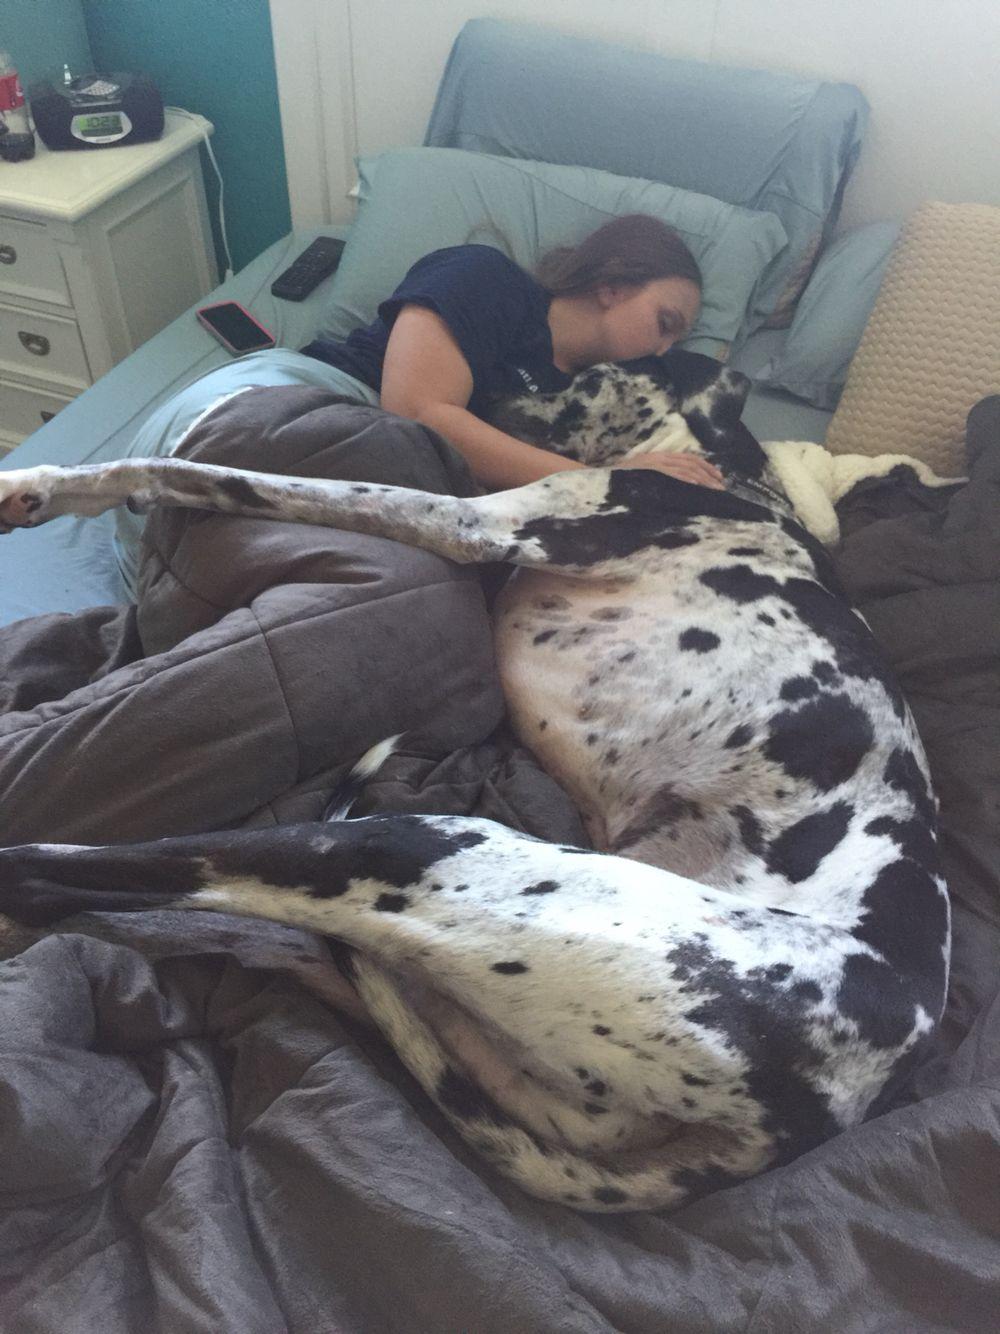 Resultado de imagen para great dane cuddle owner